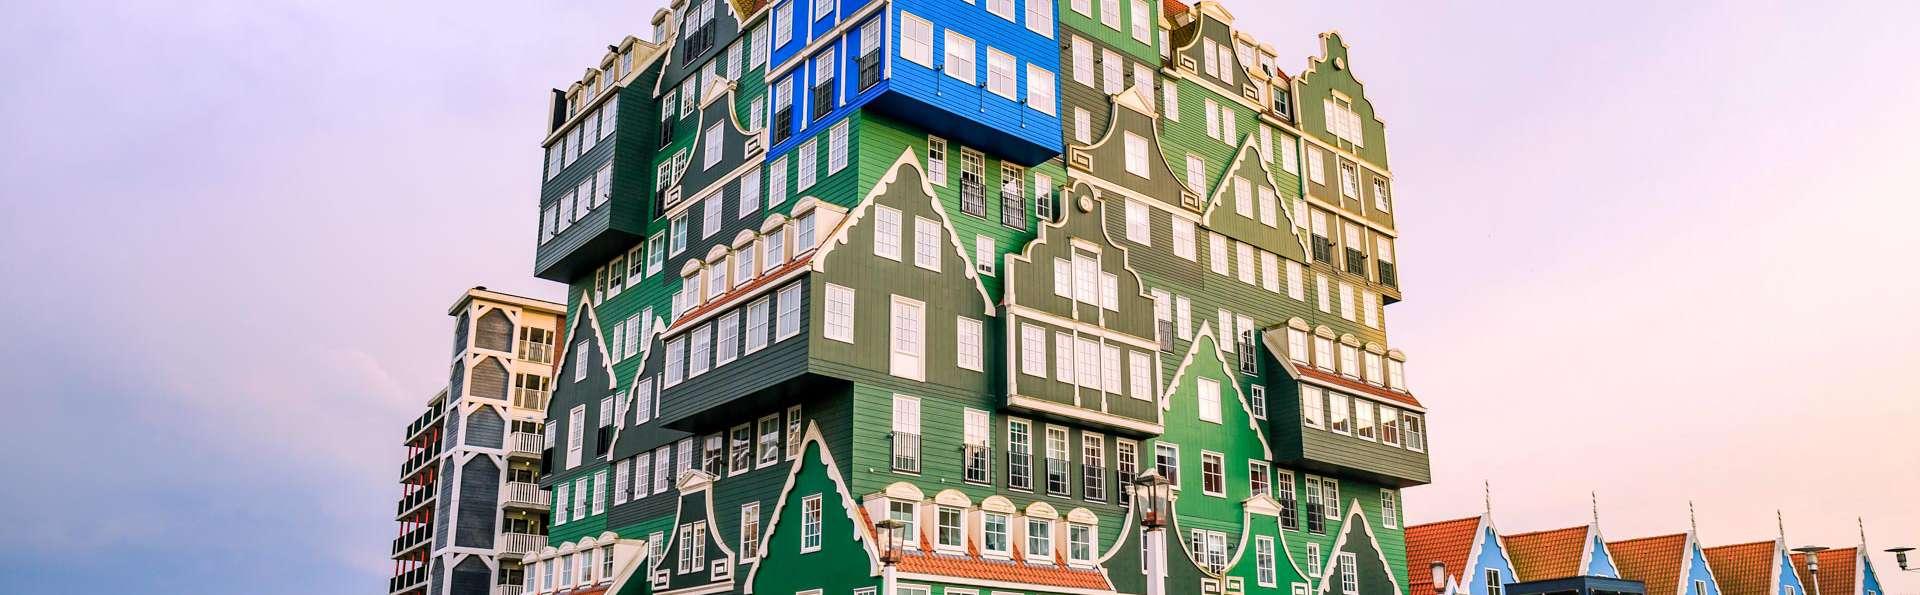 Magnifique séjour dans un hôtel de luxe non loin de Rotterdam